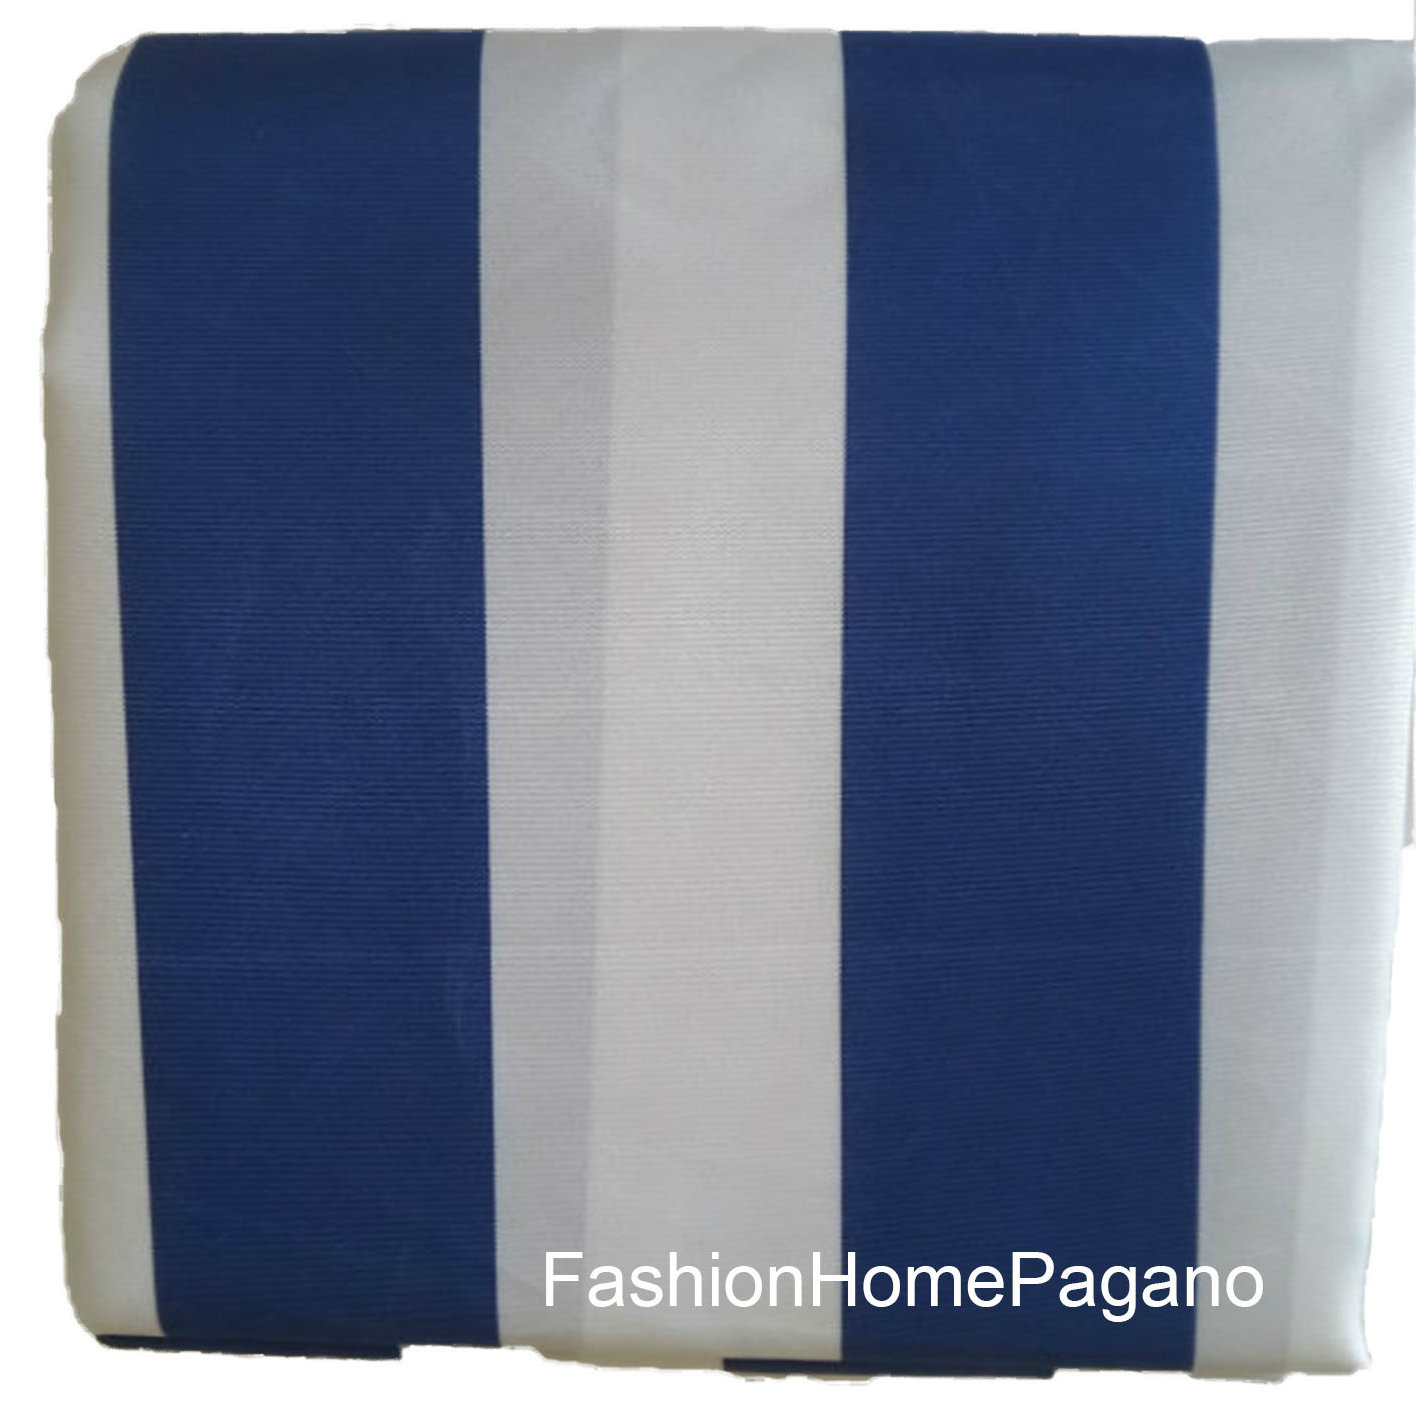 Tende Da Sole Con Anelli.Fhp 01509 Tende Da Sole Fashion Home Pagano Tenda Da Sole Per